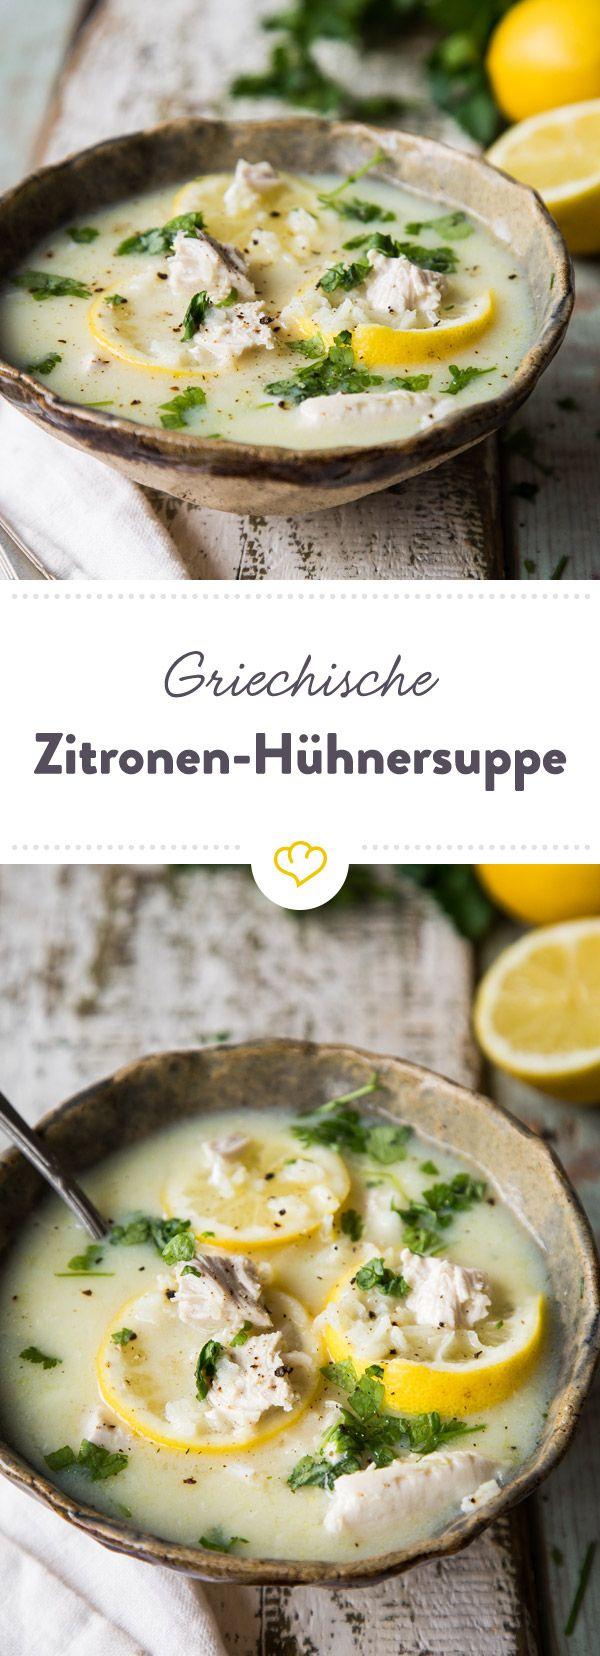 Diese griechische Hühnersuppe wird mit Zitronensaft zubereitet. Dadurch schmeckt sie nicht nur köstlich erfrischend, schimmert auch in zartem Gelb.